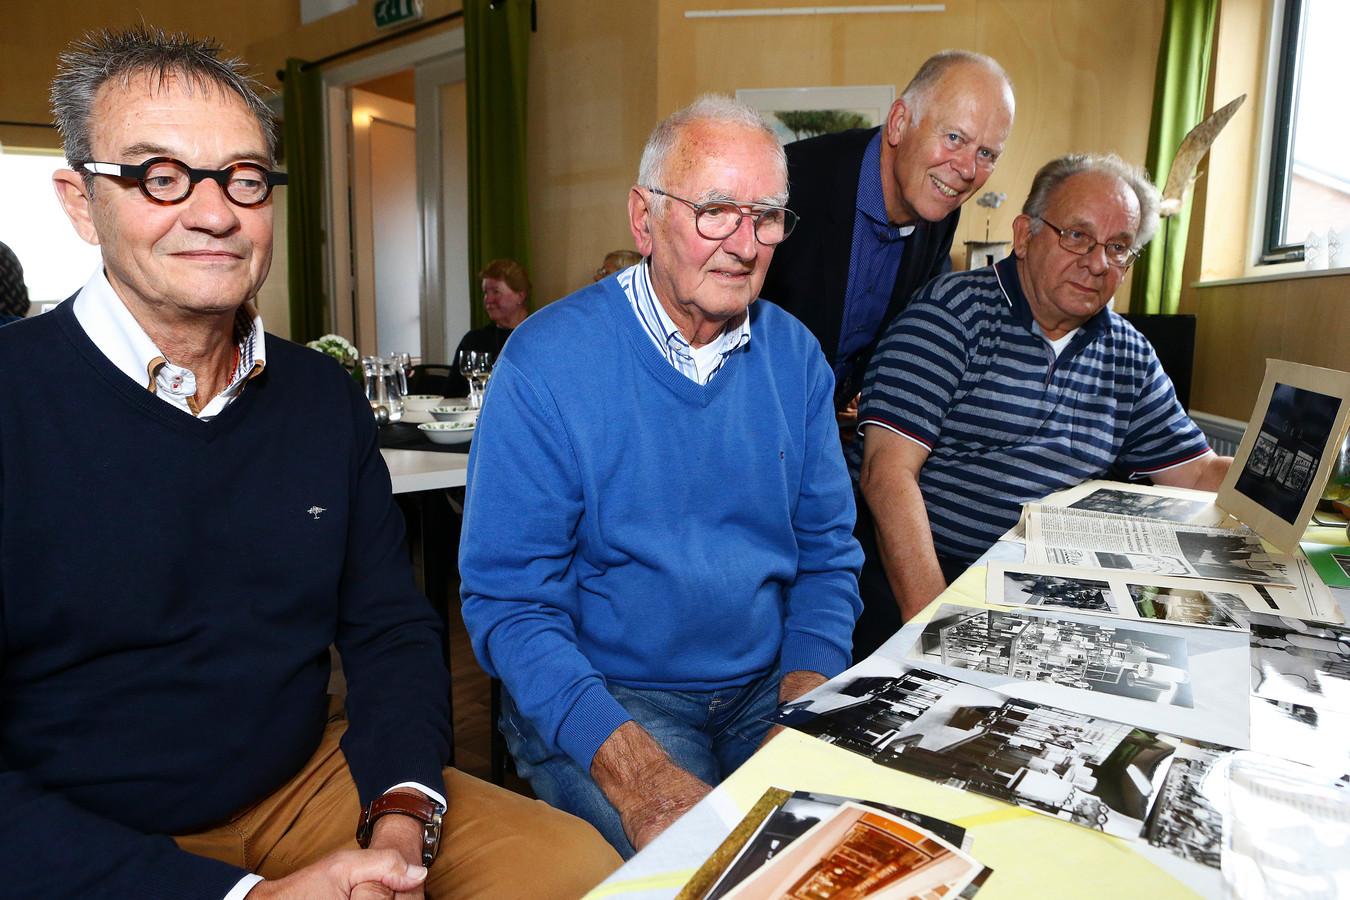 Omdat op het eeuwfeest van Installatiebedrijf Groen & Aldenkamp de geschiedenis niet tot zijn recht kwam, heeft Peter Groen, zoon van de oprichter, zaterdag nog een feest gegeven voor oud-personeelsleden onder wie Bas Prins, Kees Verwoerd en John de Groot.